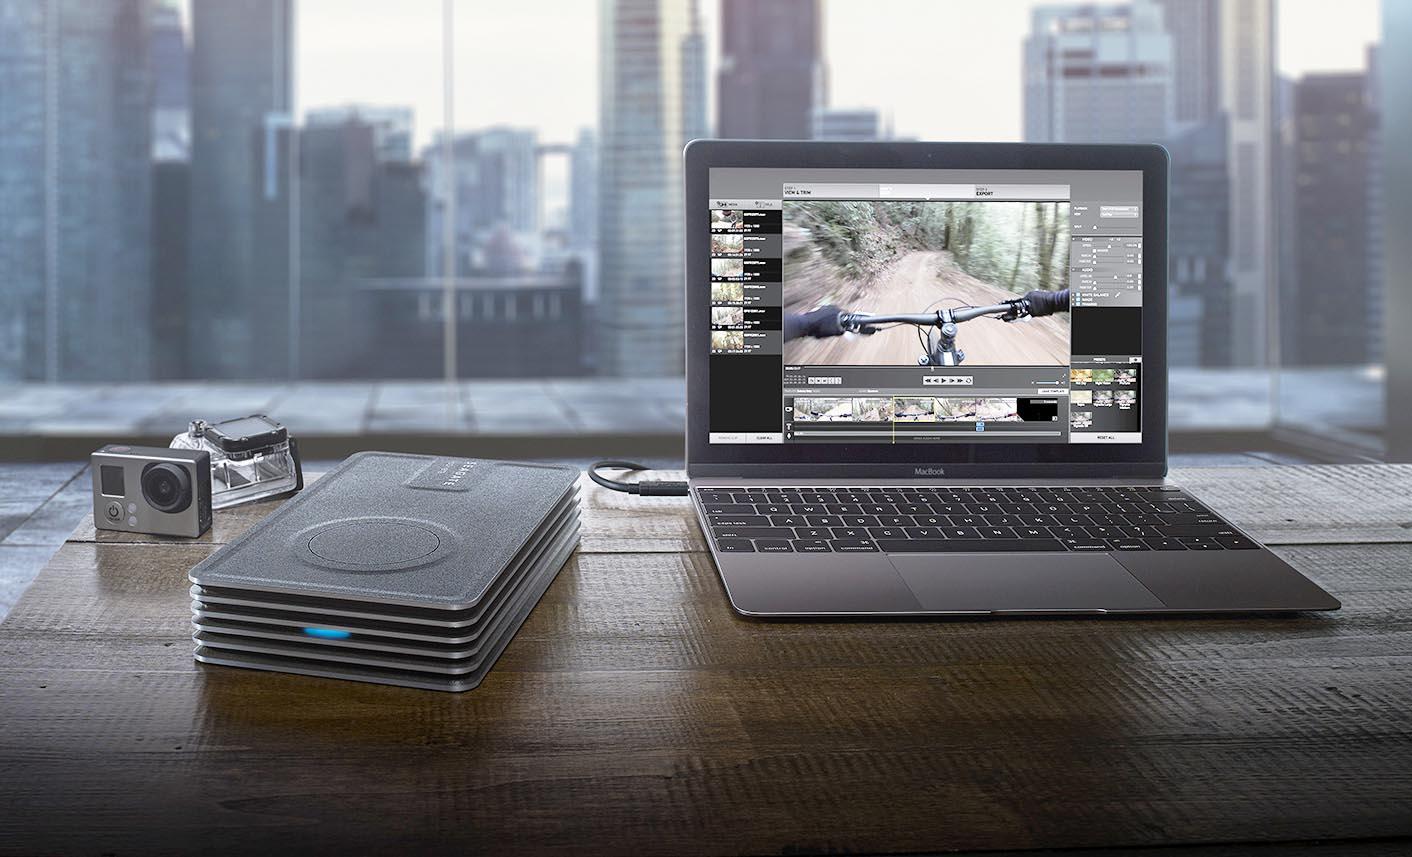 Seagate Innov8 MacBook